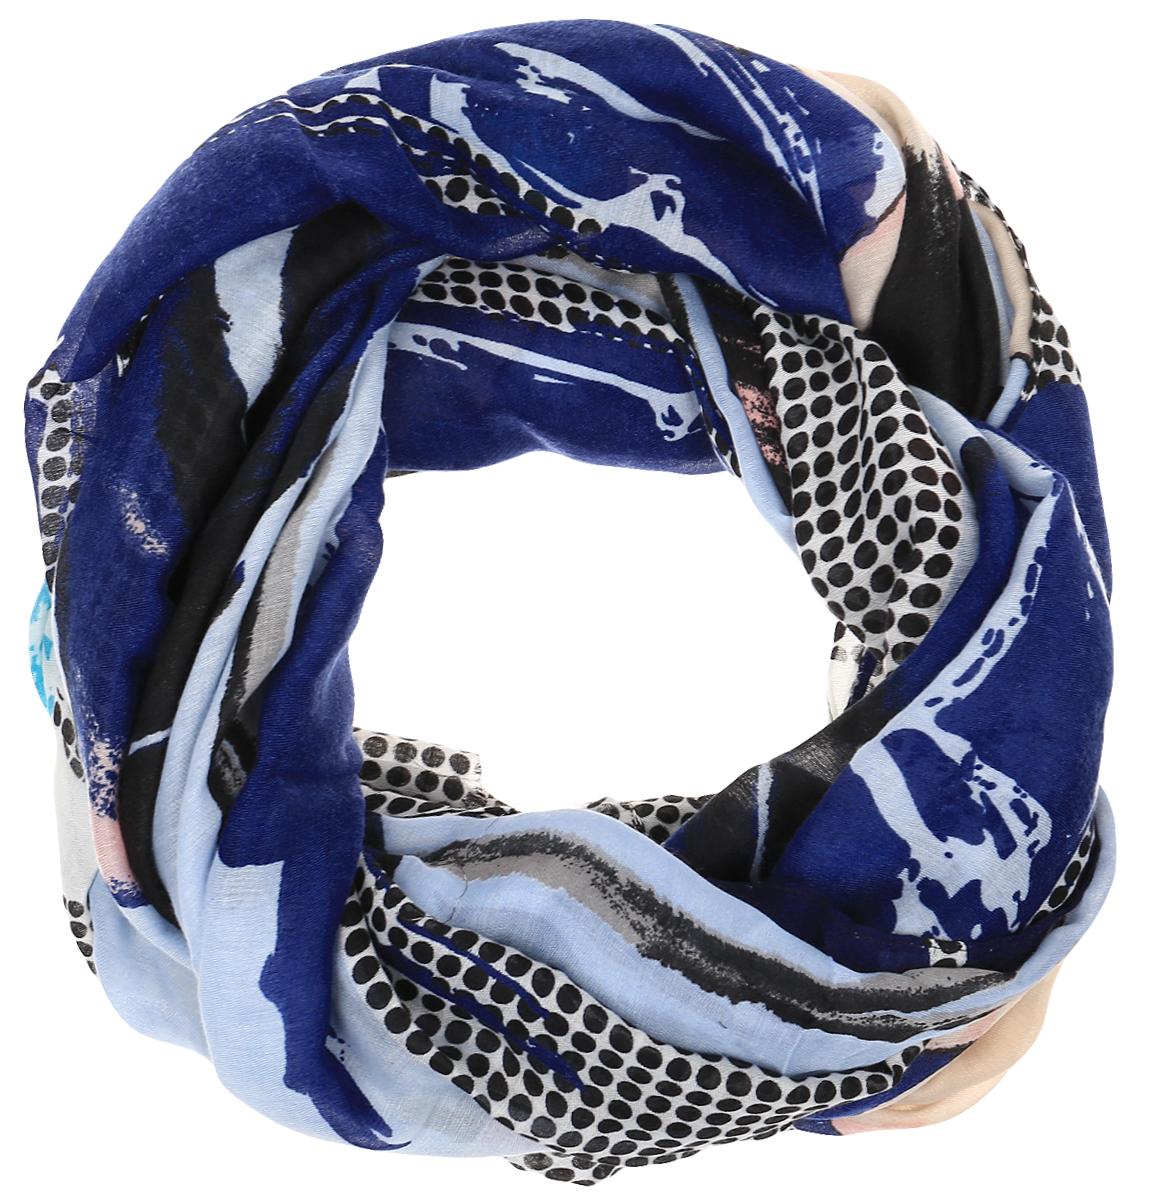 Палантин Sophie Ramage, цвет: синий, голубой, черный. HL-21667-6. Размер 90 см х 180 смHL-21667-6Элегантный палантин Sophie Ramage станет достойным завершением вашего образа. Палантин изготовлен из 100% модала, что придает изделию легкость и мягкость. Оформлена модель ярким цветочным принтом. Палантин красиво драпируется, он превосходно дополнит любой наряд и подчеркнет ваш изысканный вкус. Легкий и изящный палантин привнесет в ваш образ утонченность и шарм.